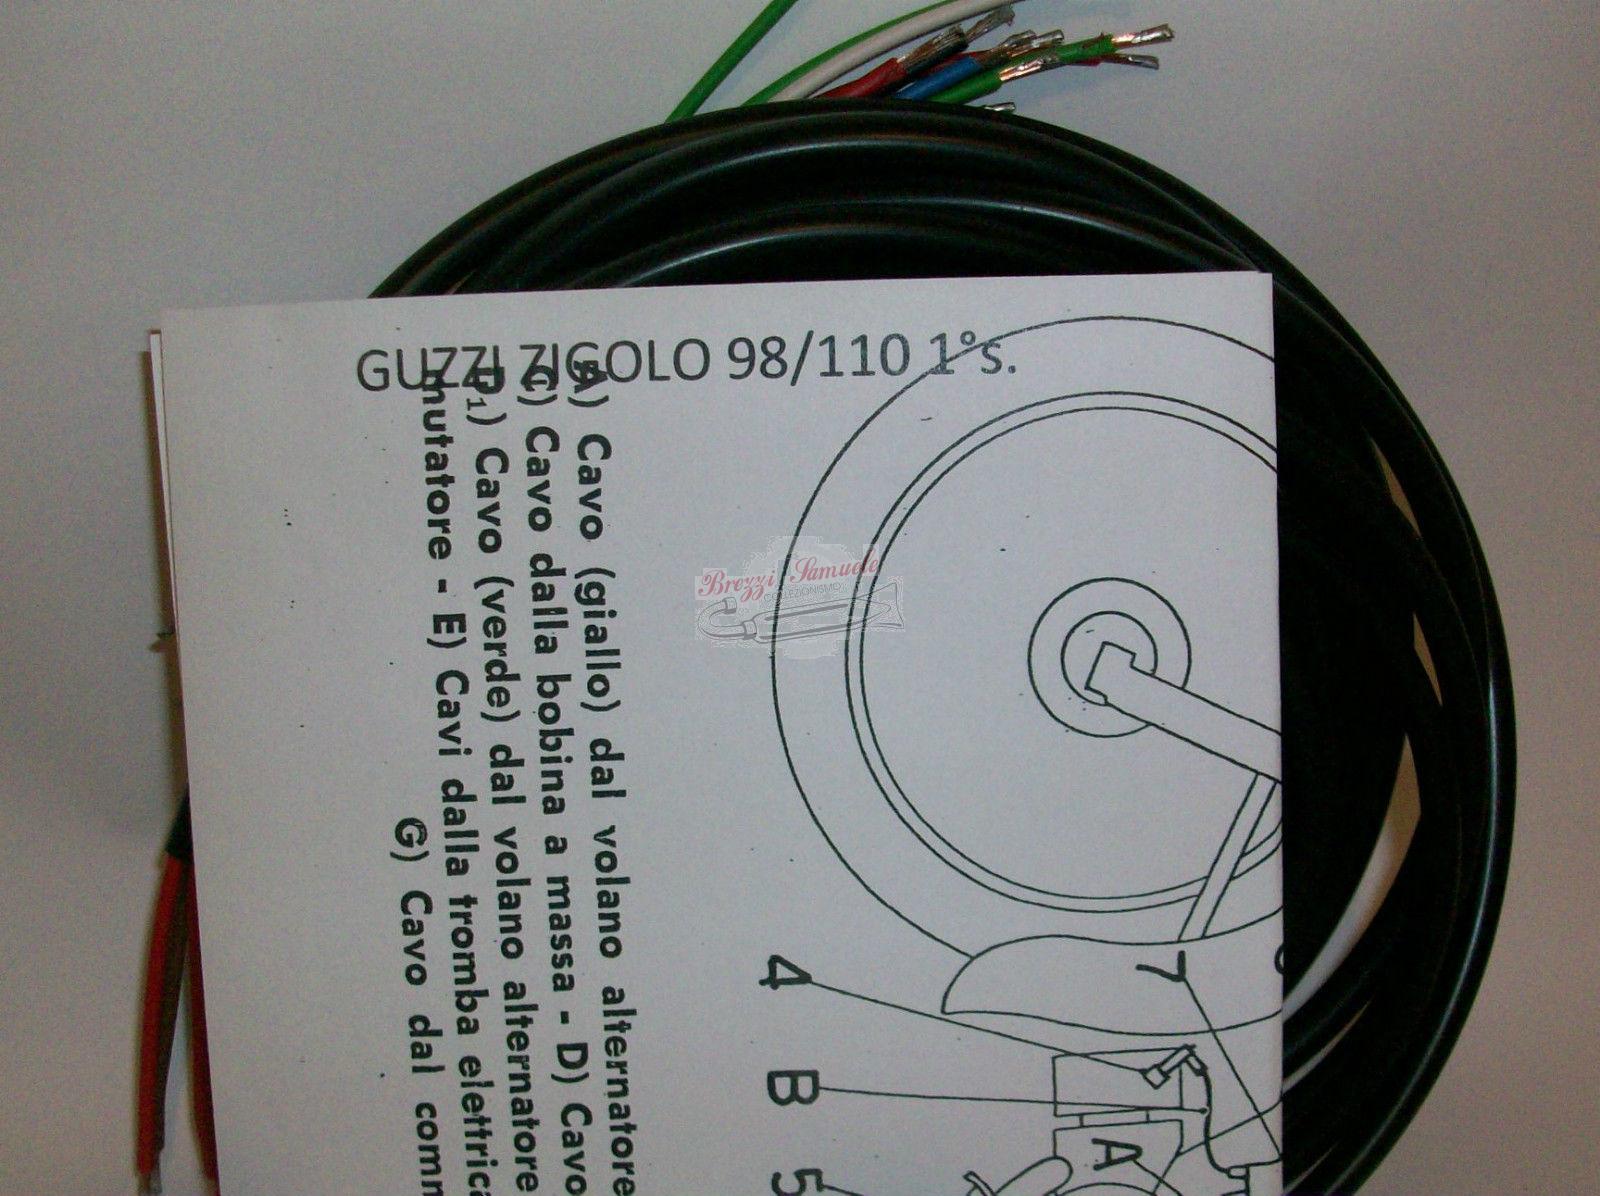 Schemi Elettrici Guzzi : Prodotto im impianto elettrico moto guzzi zigolo